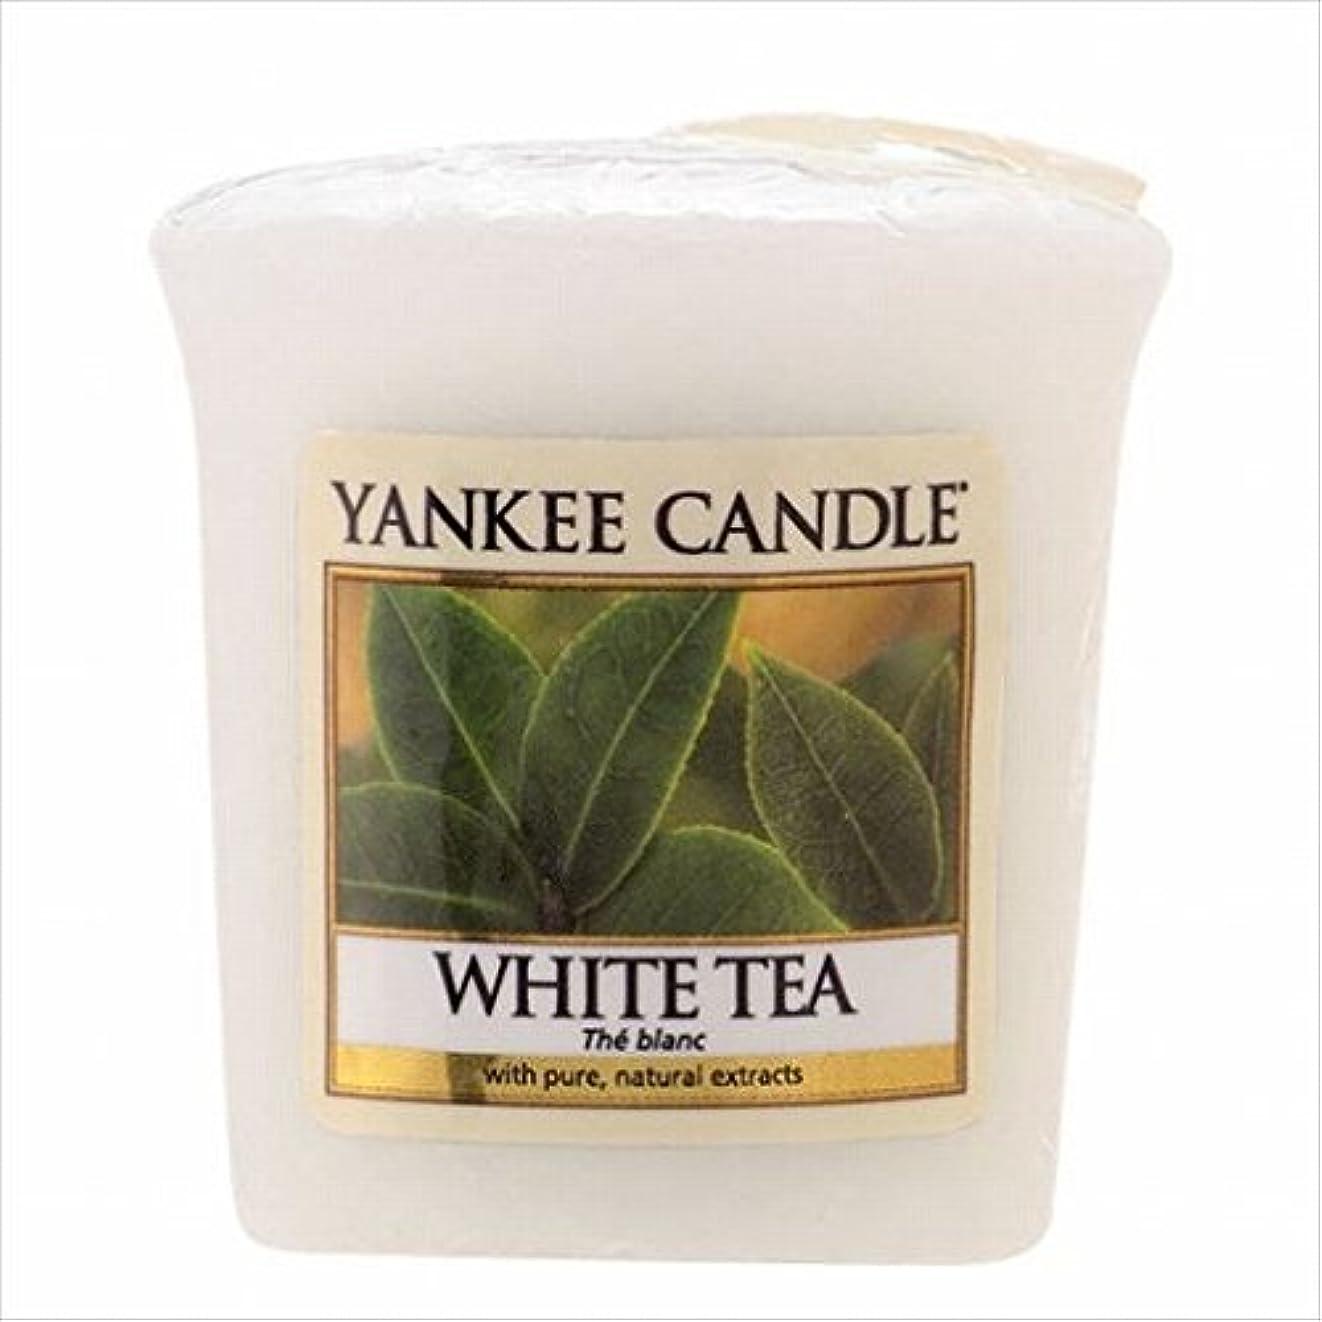 実際の取る気分YANKEE CANDLE(ヤンキーキャンドル) YANKEE CANDLE サンプラー 「 ホワイトティー 」6個セット(K00105277)